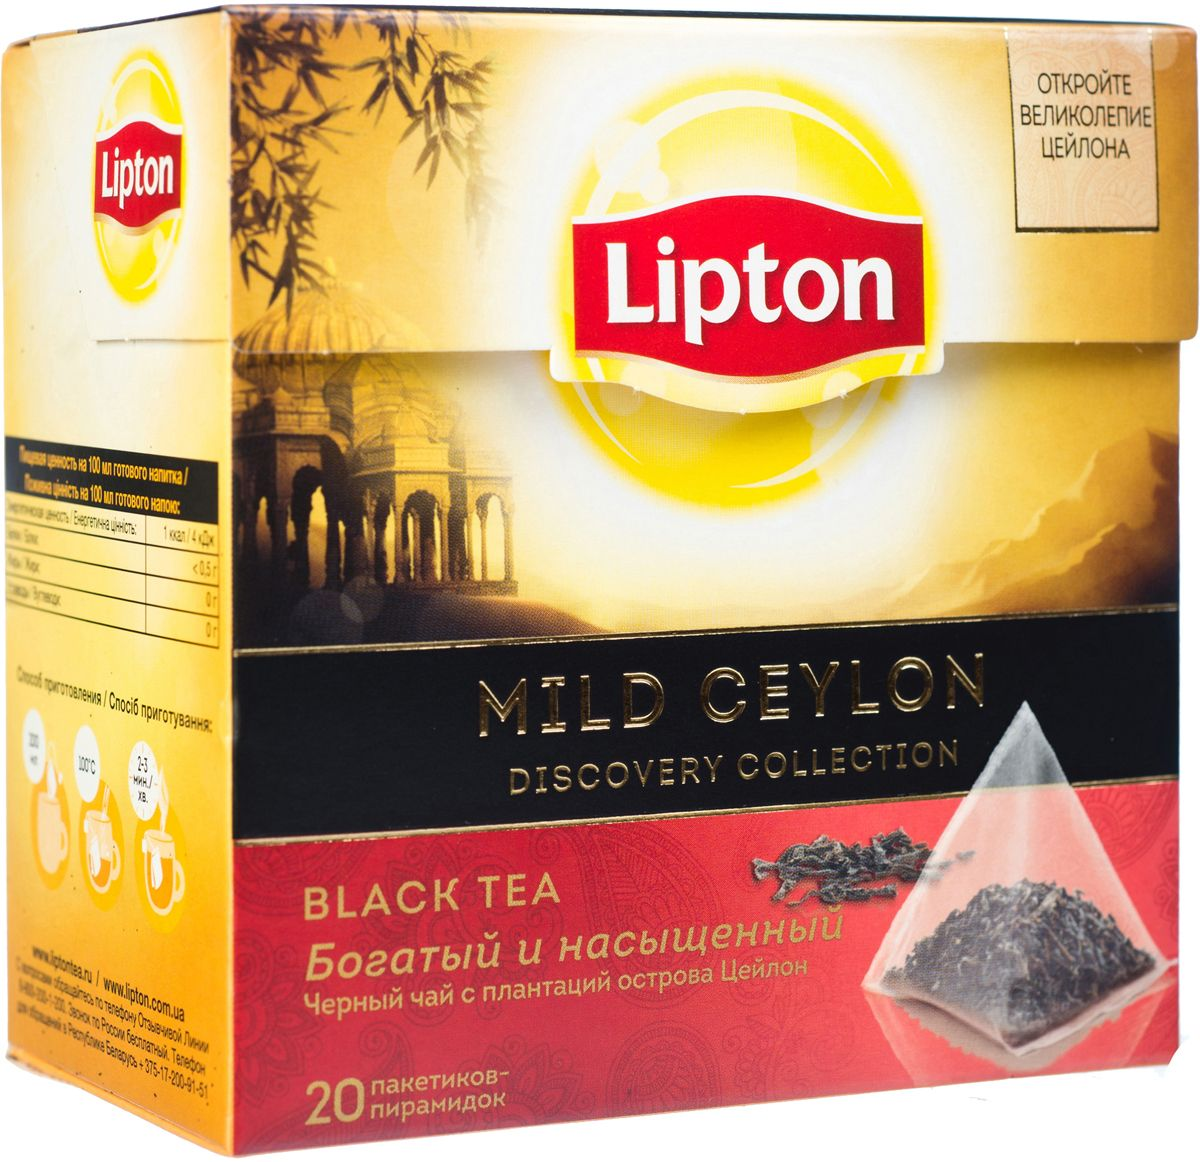 Lipton Черный чай Mild Ceylon 20 шт0120710Lipton Mild Ceylon - черный чай в пакетиках с плантаций острова Цейлон. Он прекрасно сочетает в себе два важных качества, за которые мы и ценим чай - крепость и насыщенный аромат в обрамлении мягкого вкуса.Ощутите великолепие долин и уединенных чайных плантаций острова Цейлон, на которых выращивают легендарный цейлонский черный чай.